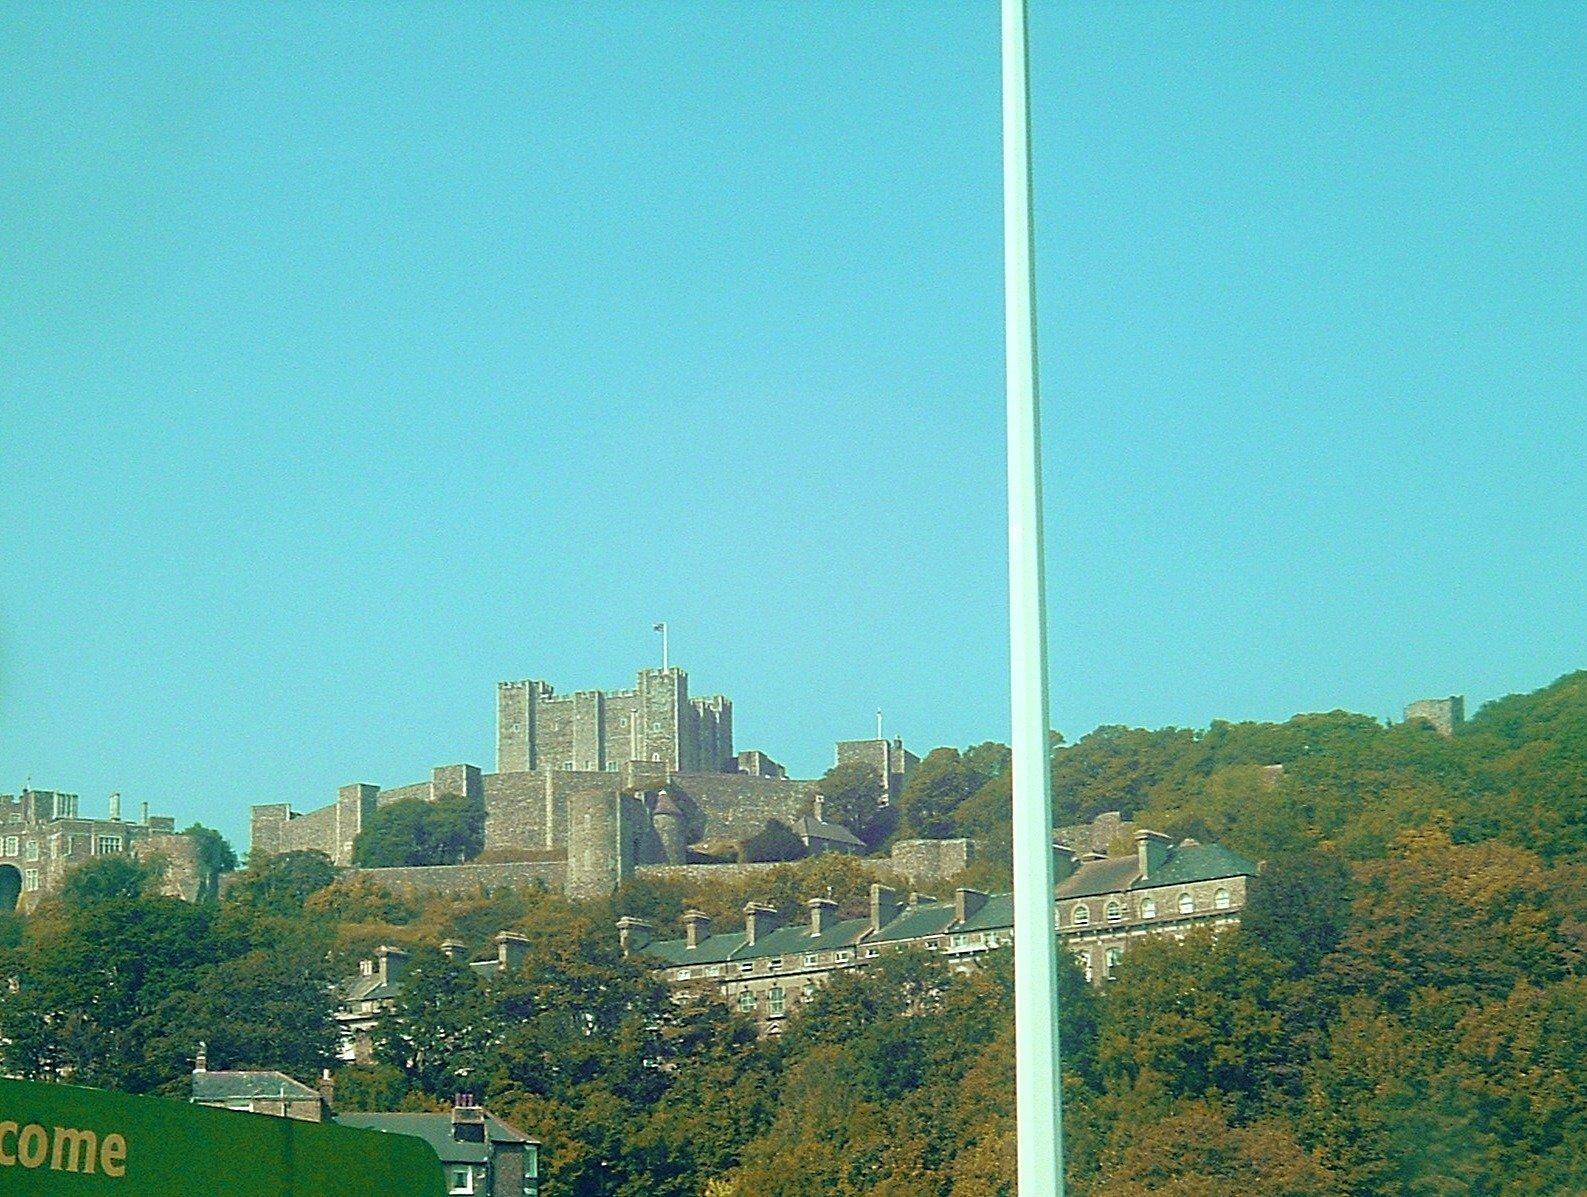 Дуврский замок, Дувр, Великобритания. Июль, 2006